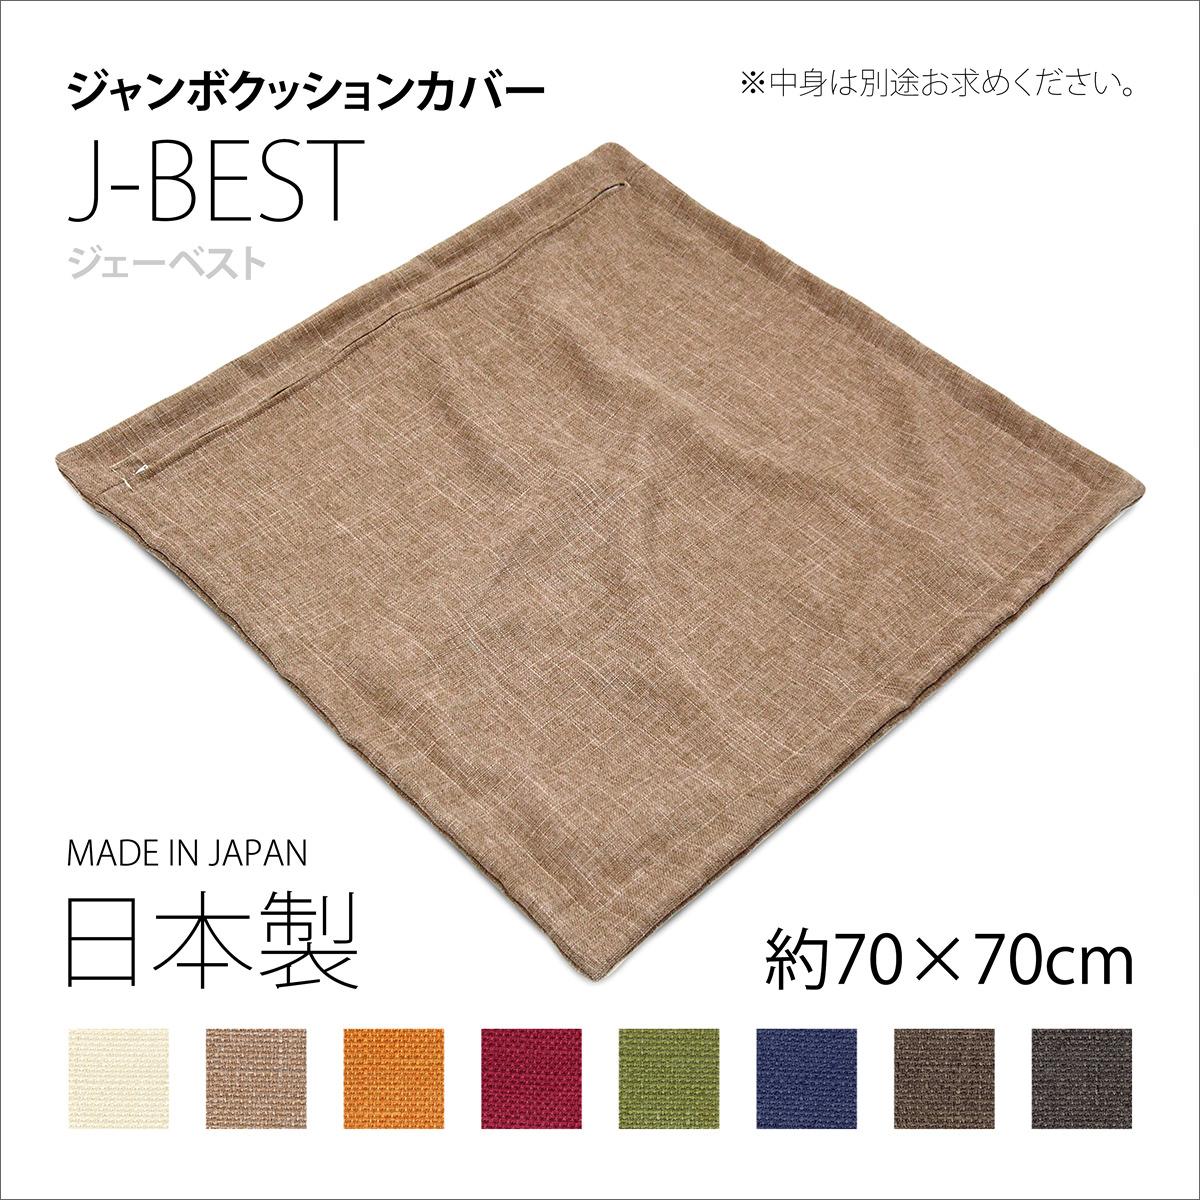 和・洋・亜、なんでもござれ。素材感たっぷりの生地。 ジャンボクッションカバー J-Best(ジェーベスト) ミミ付き 70×70cm※ミミ含む(64×64cm用) ポリエステル100%の丈夫な生地